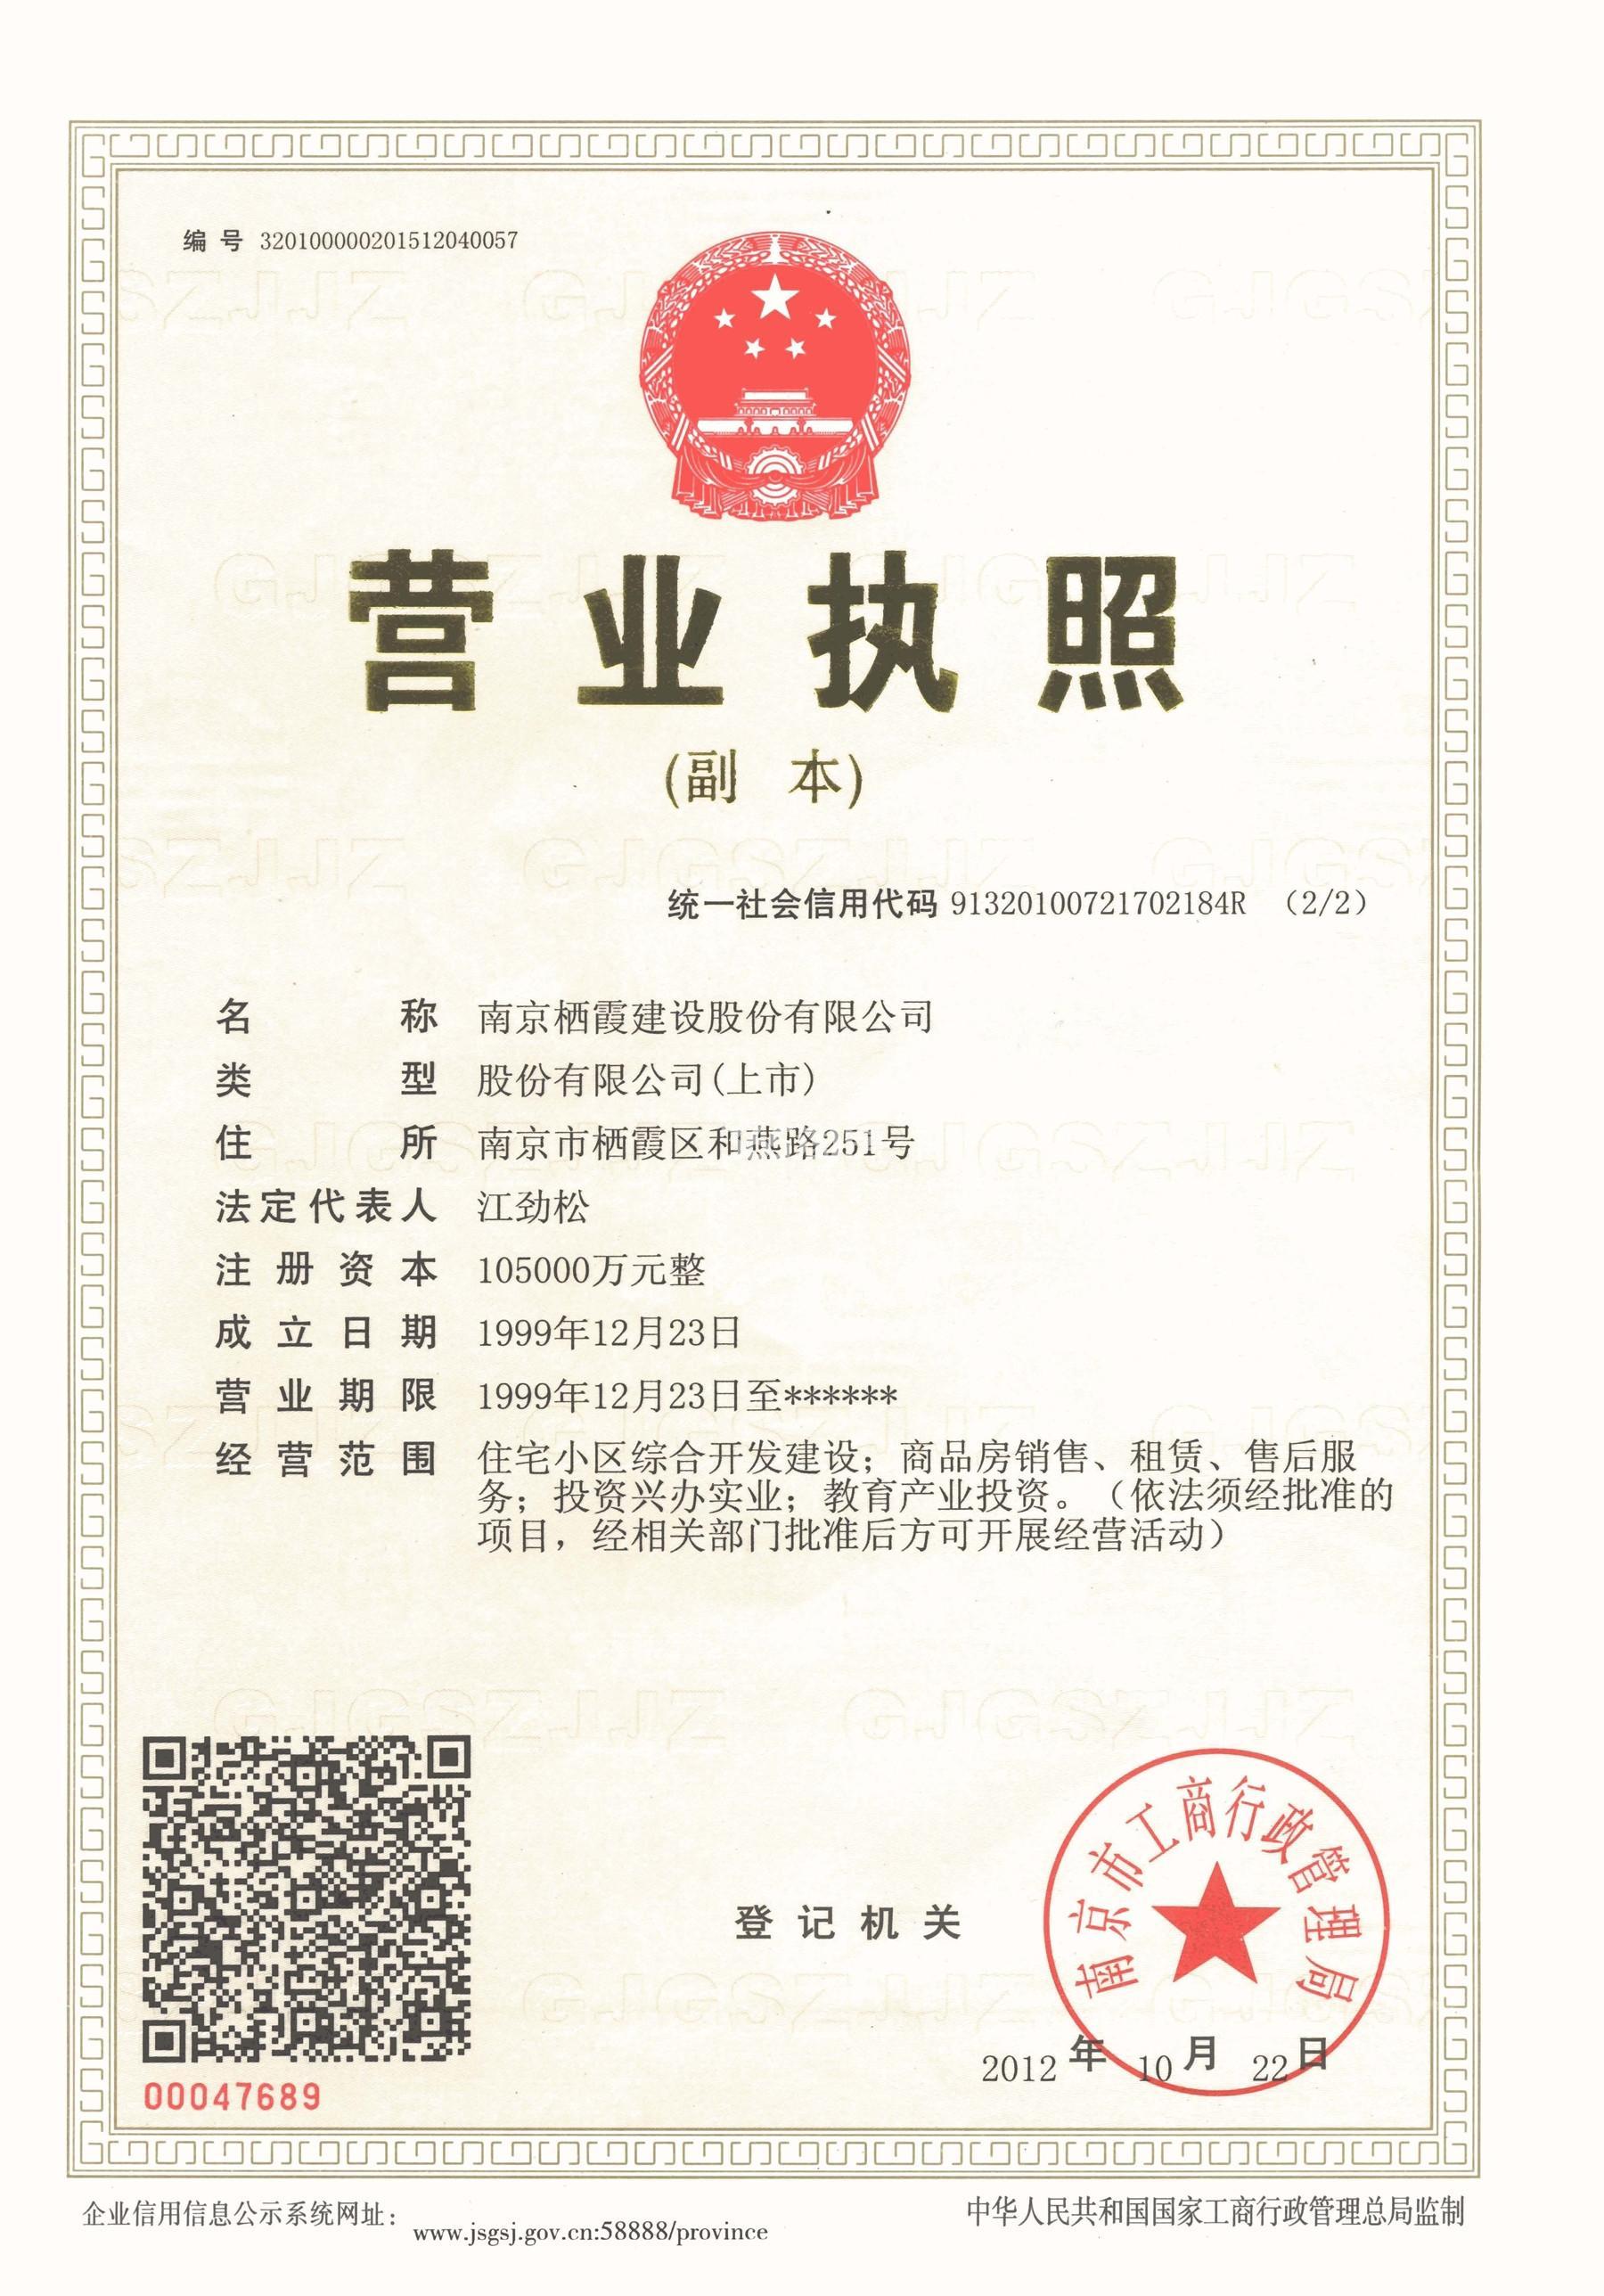 星叶瑜憬湾项目营业执照